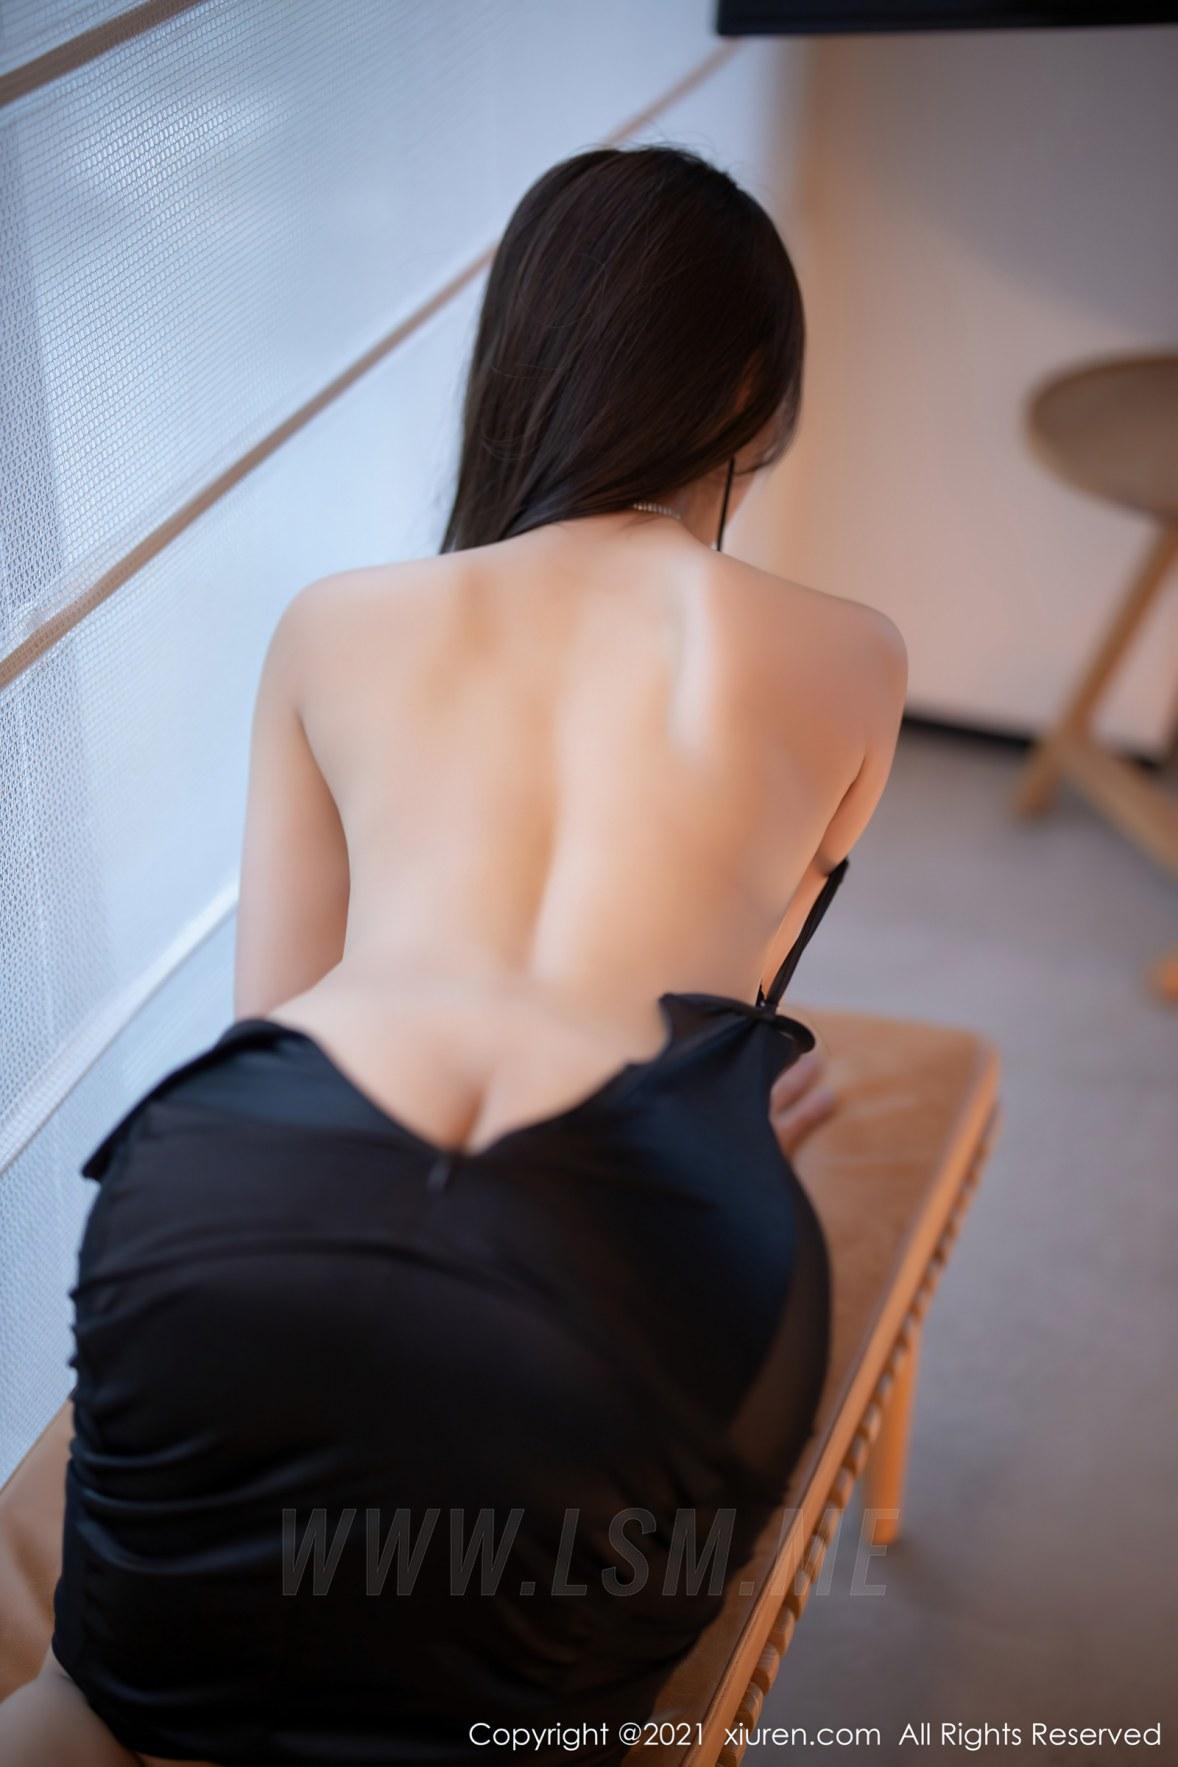 3465 042 mqv 3600 5400 - XiuRen 秀人 No.3465  黑色吊裙 徐安安 三亚旅拍写真 - 秀人网 -【免费在线写真】【丽人丝语】